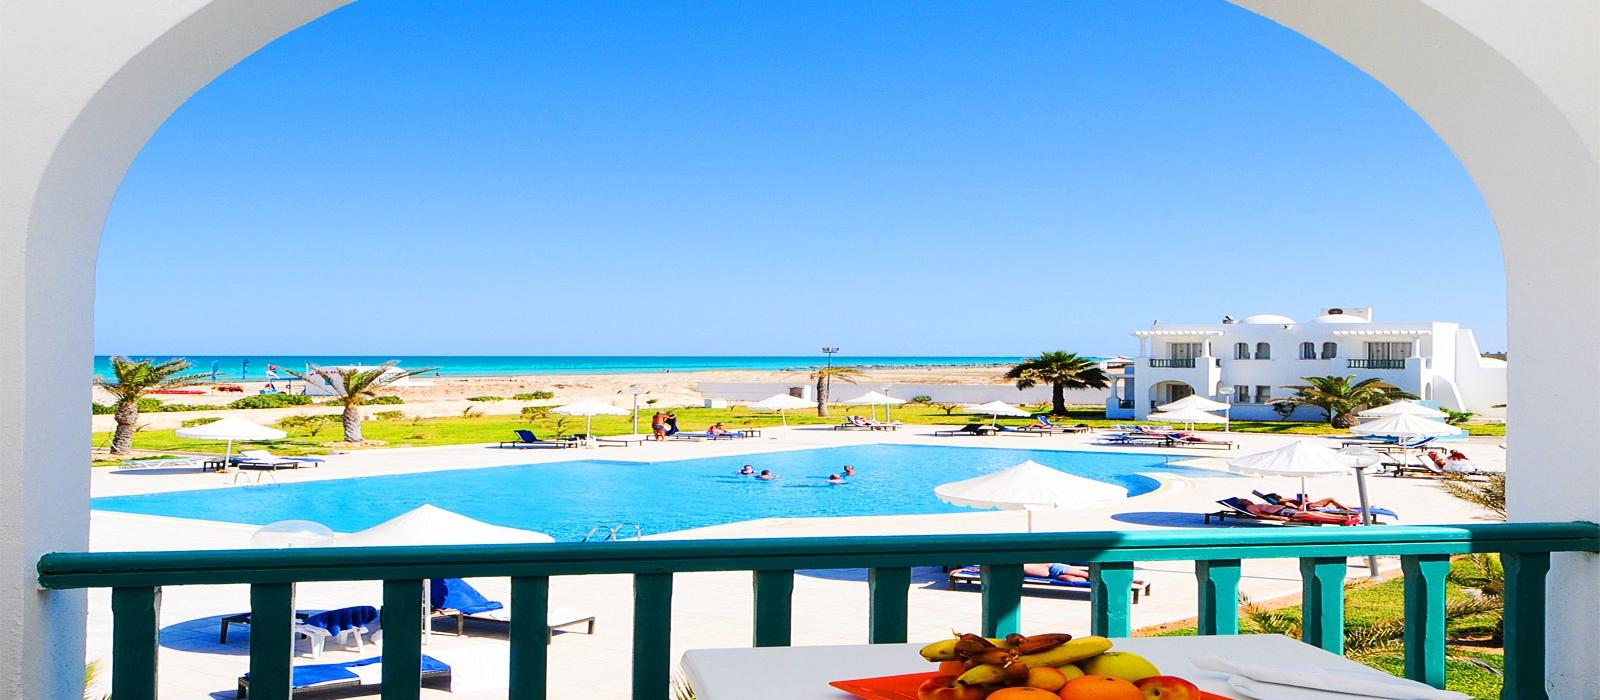 Chambres Hôtel Vincci Helios Beach Djerba - Bungalow